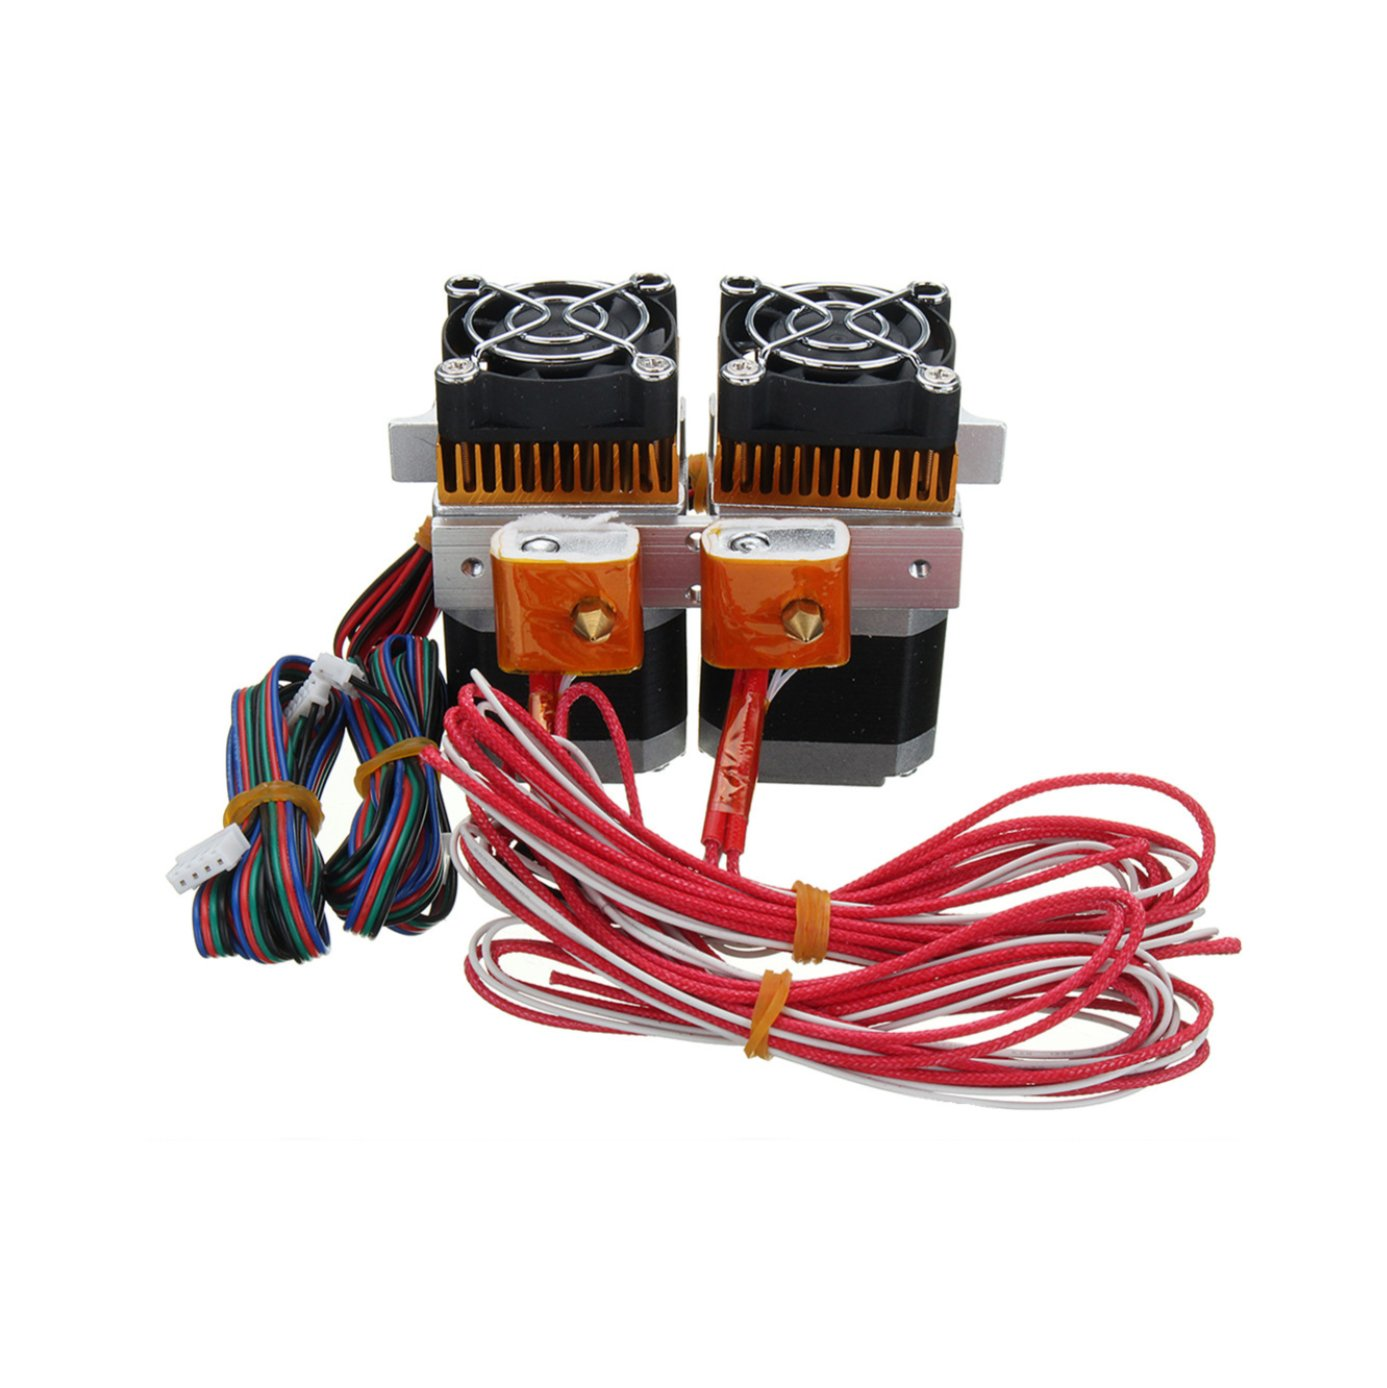 12v MK8 Dual Head Extruder with Sensor Hotend 0.4mm Nozzle for Makerbot RepRap 3D Printer 1.75mm Filament